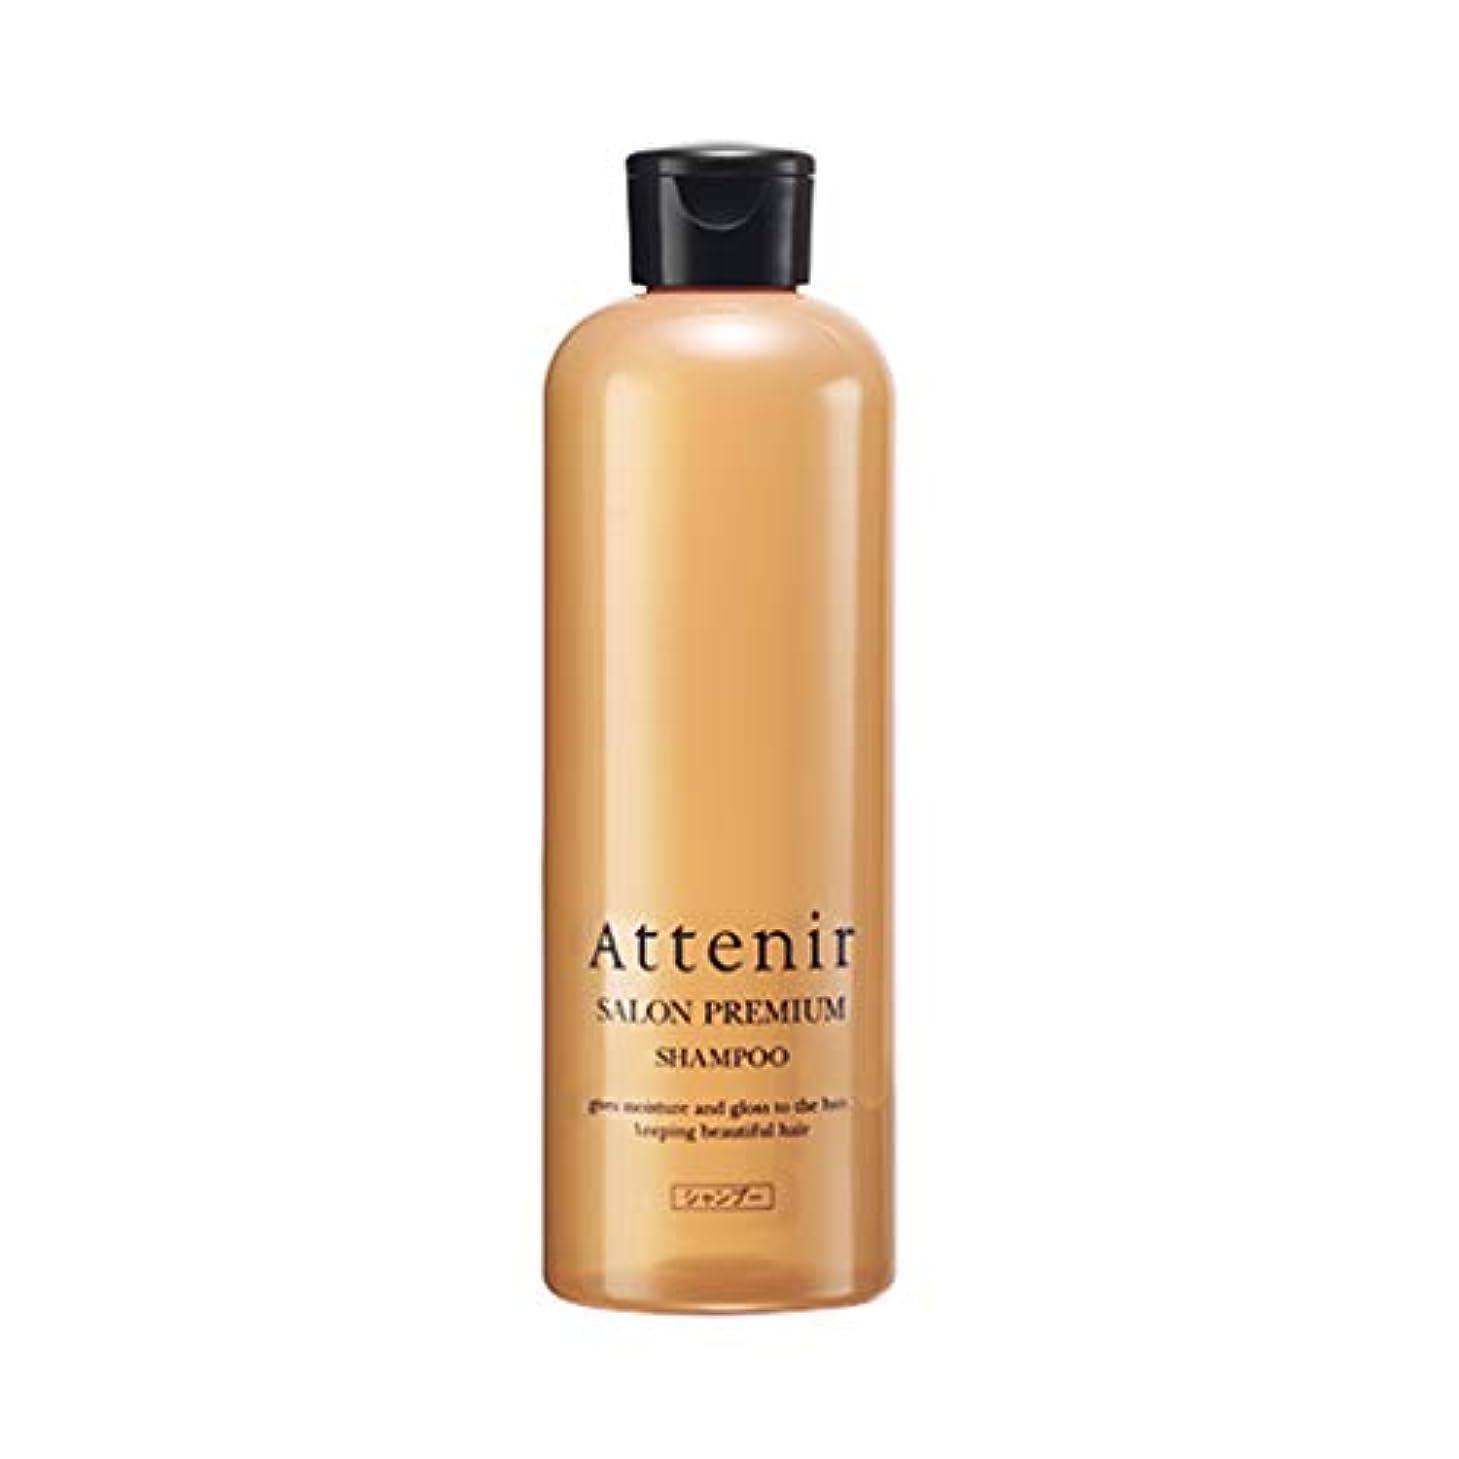 レイア審判ベリーアテニア サロンプレミアム シャンプー グランフローラルの香り 毛髪補強成分配合 300ml